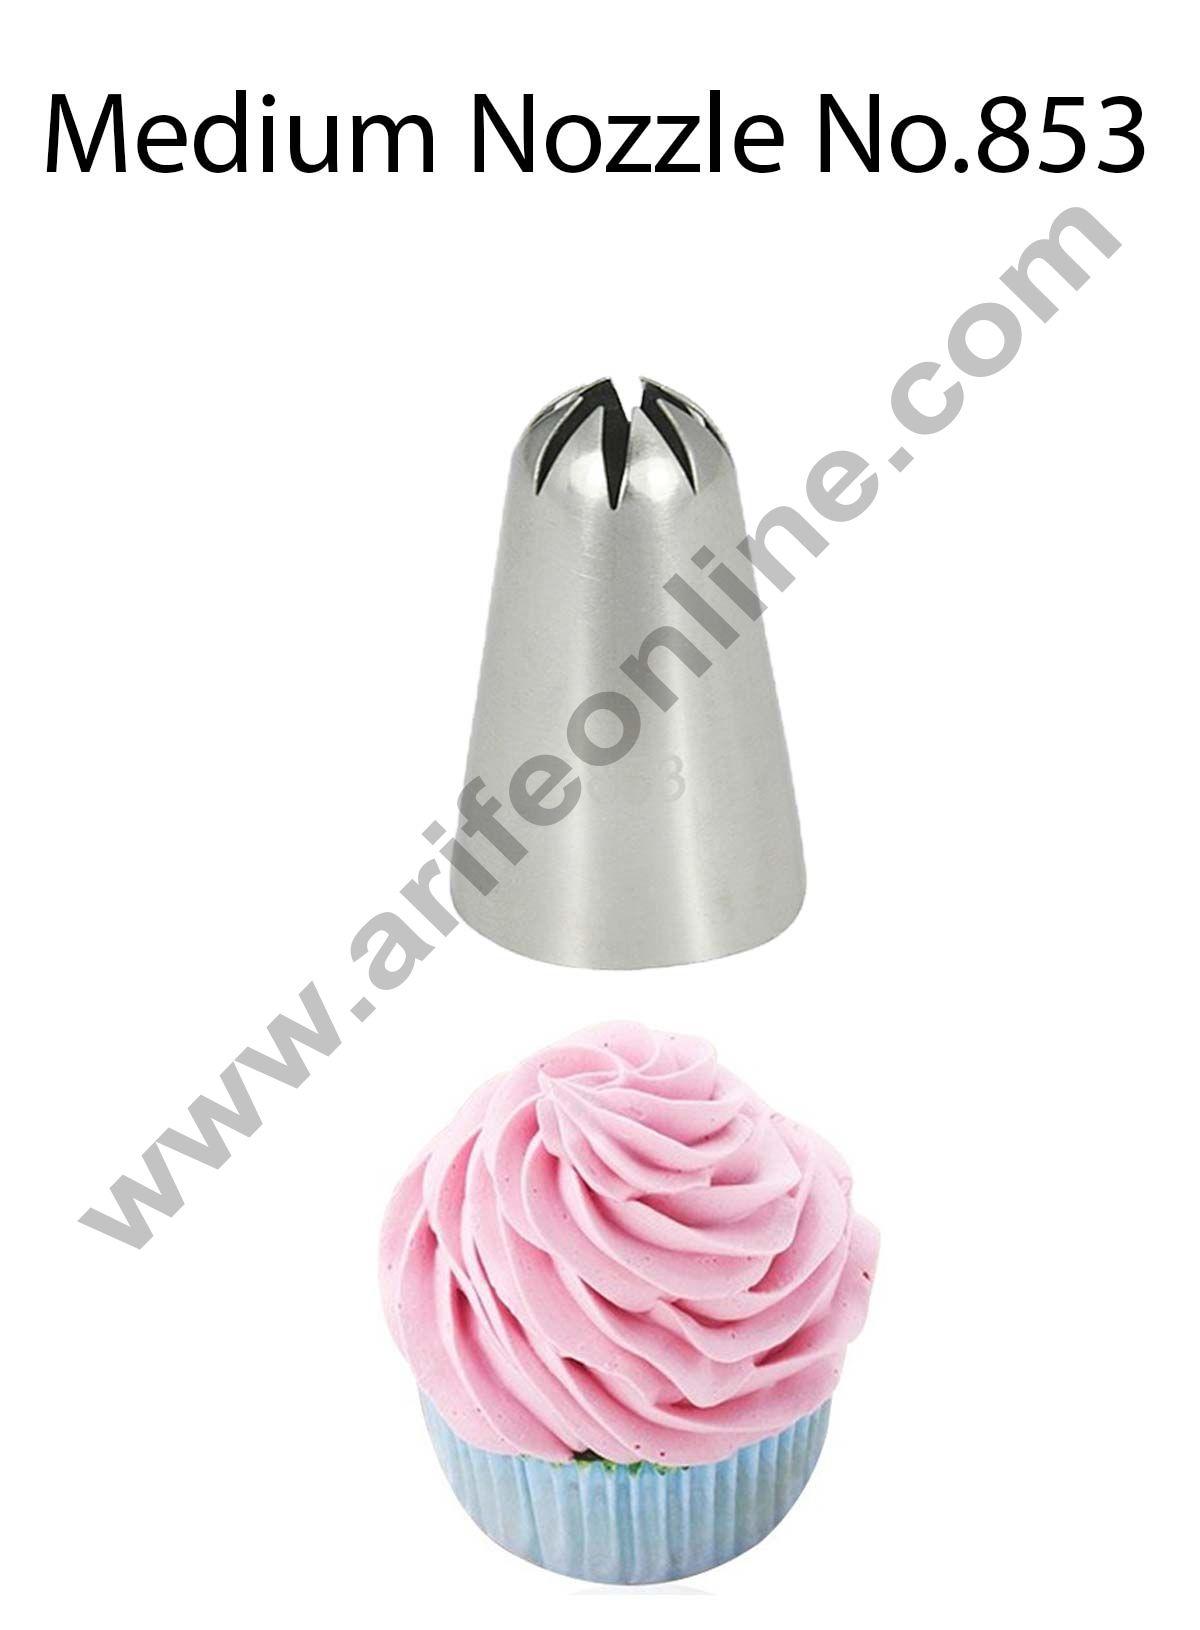 Cake Decor Medium Nozzle - No. 853 Closed Star Piping Nozzle